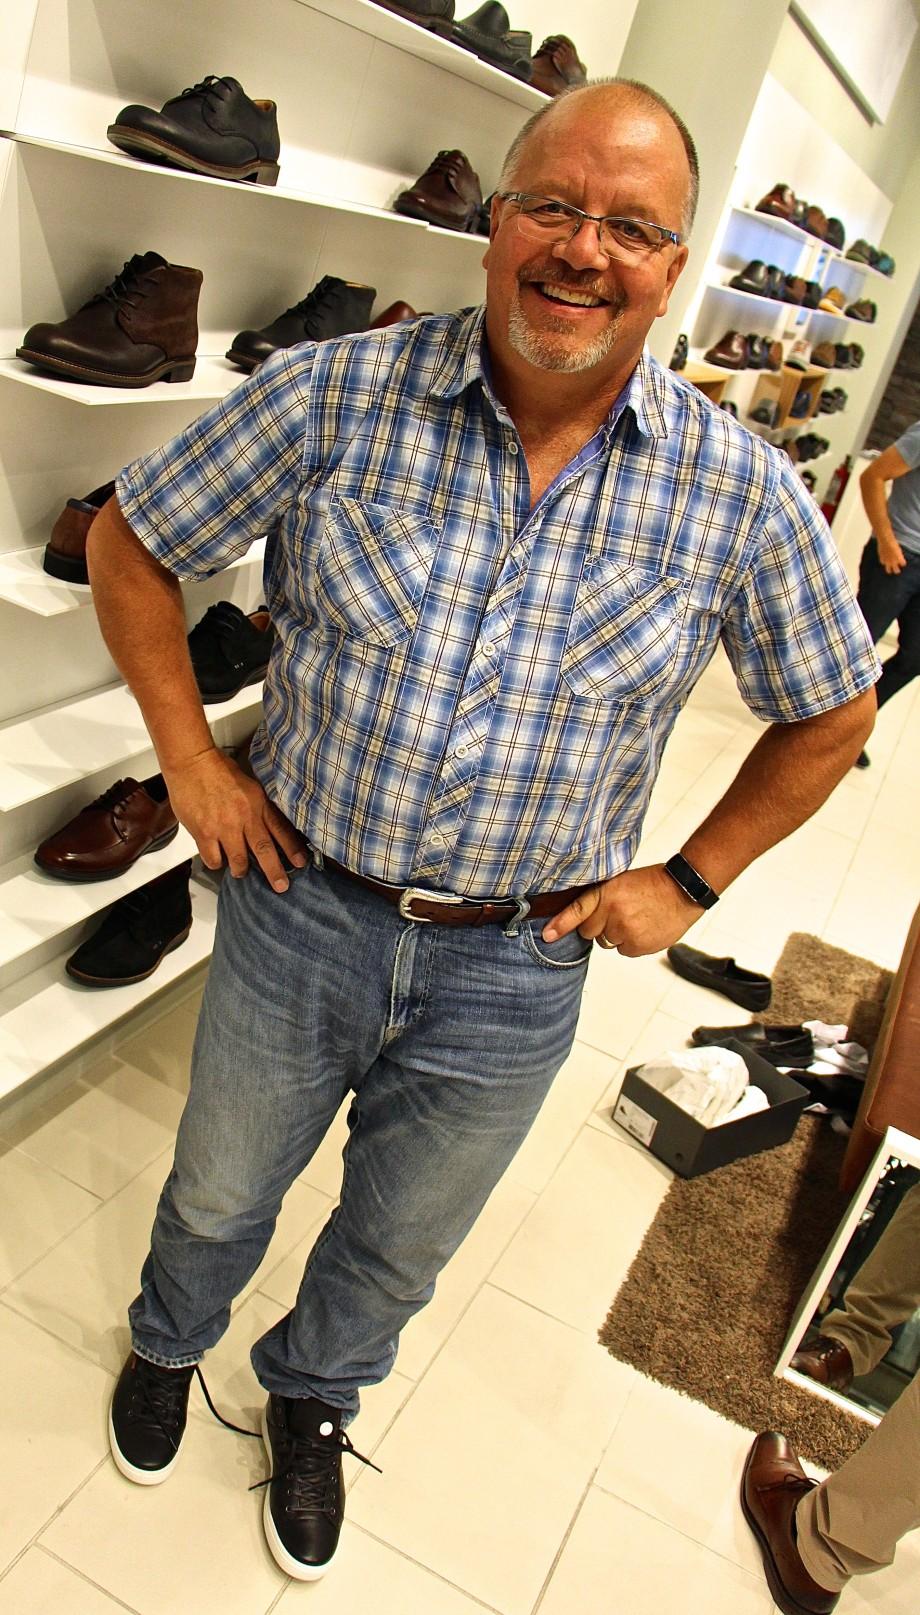 Bob Sumner, CTV